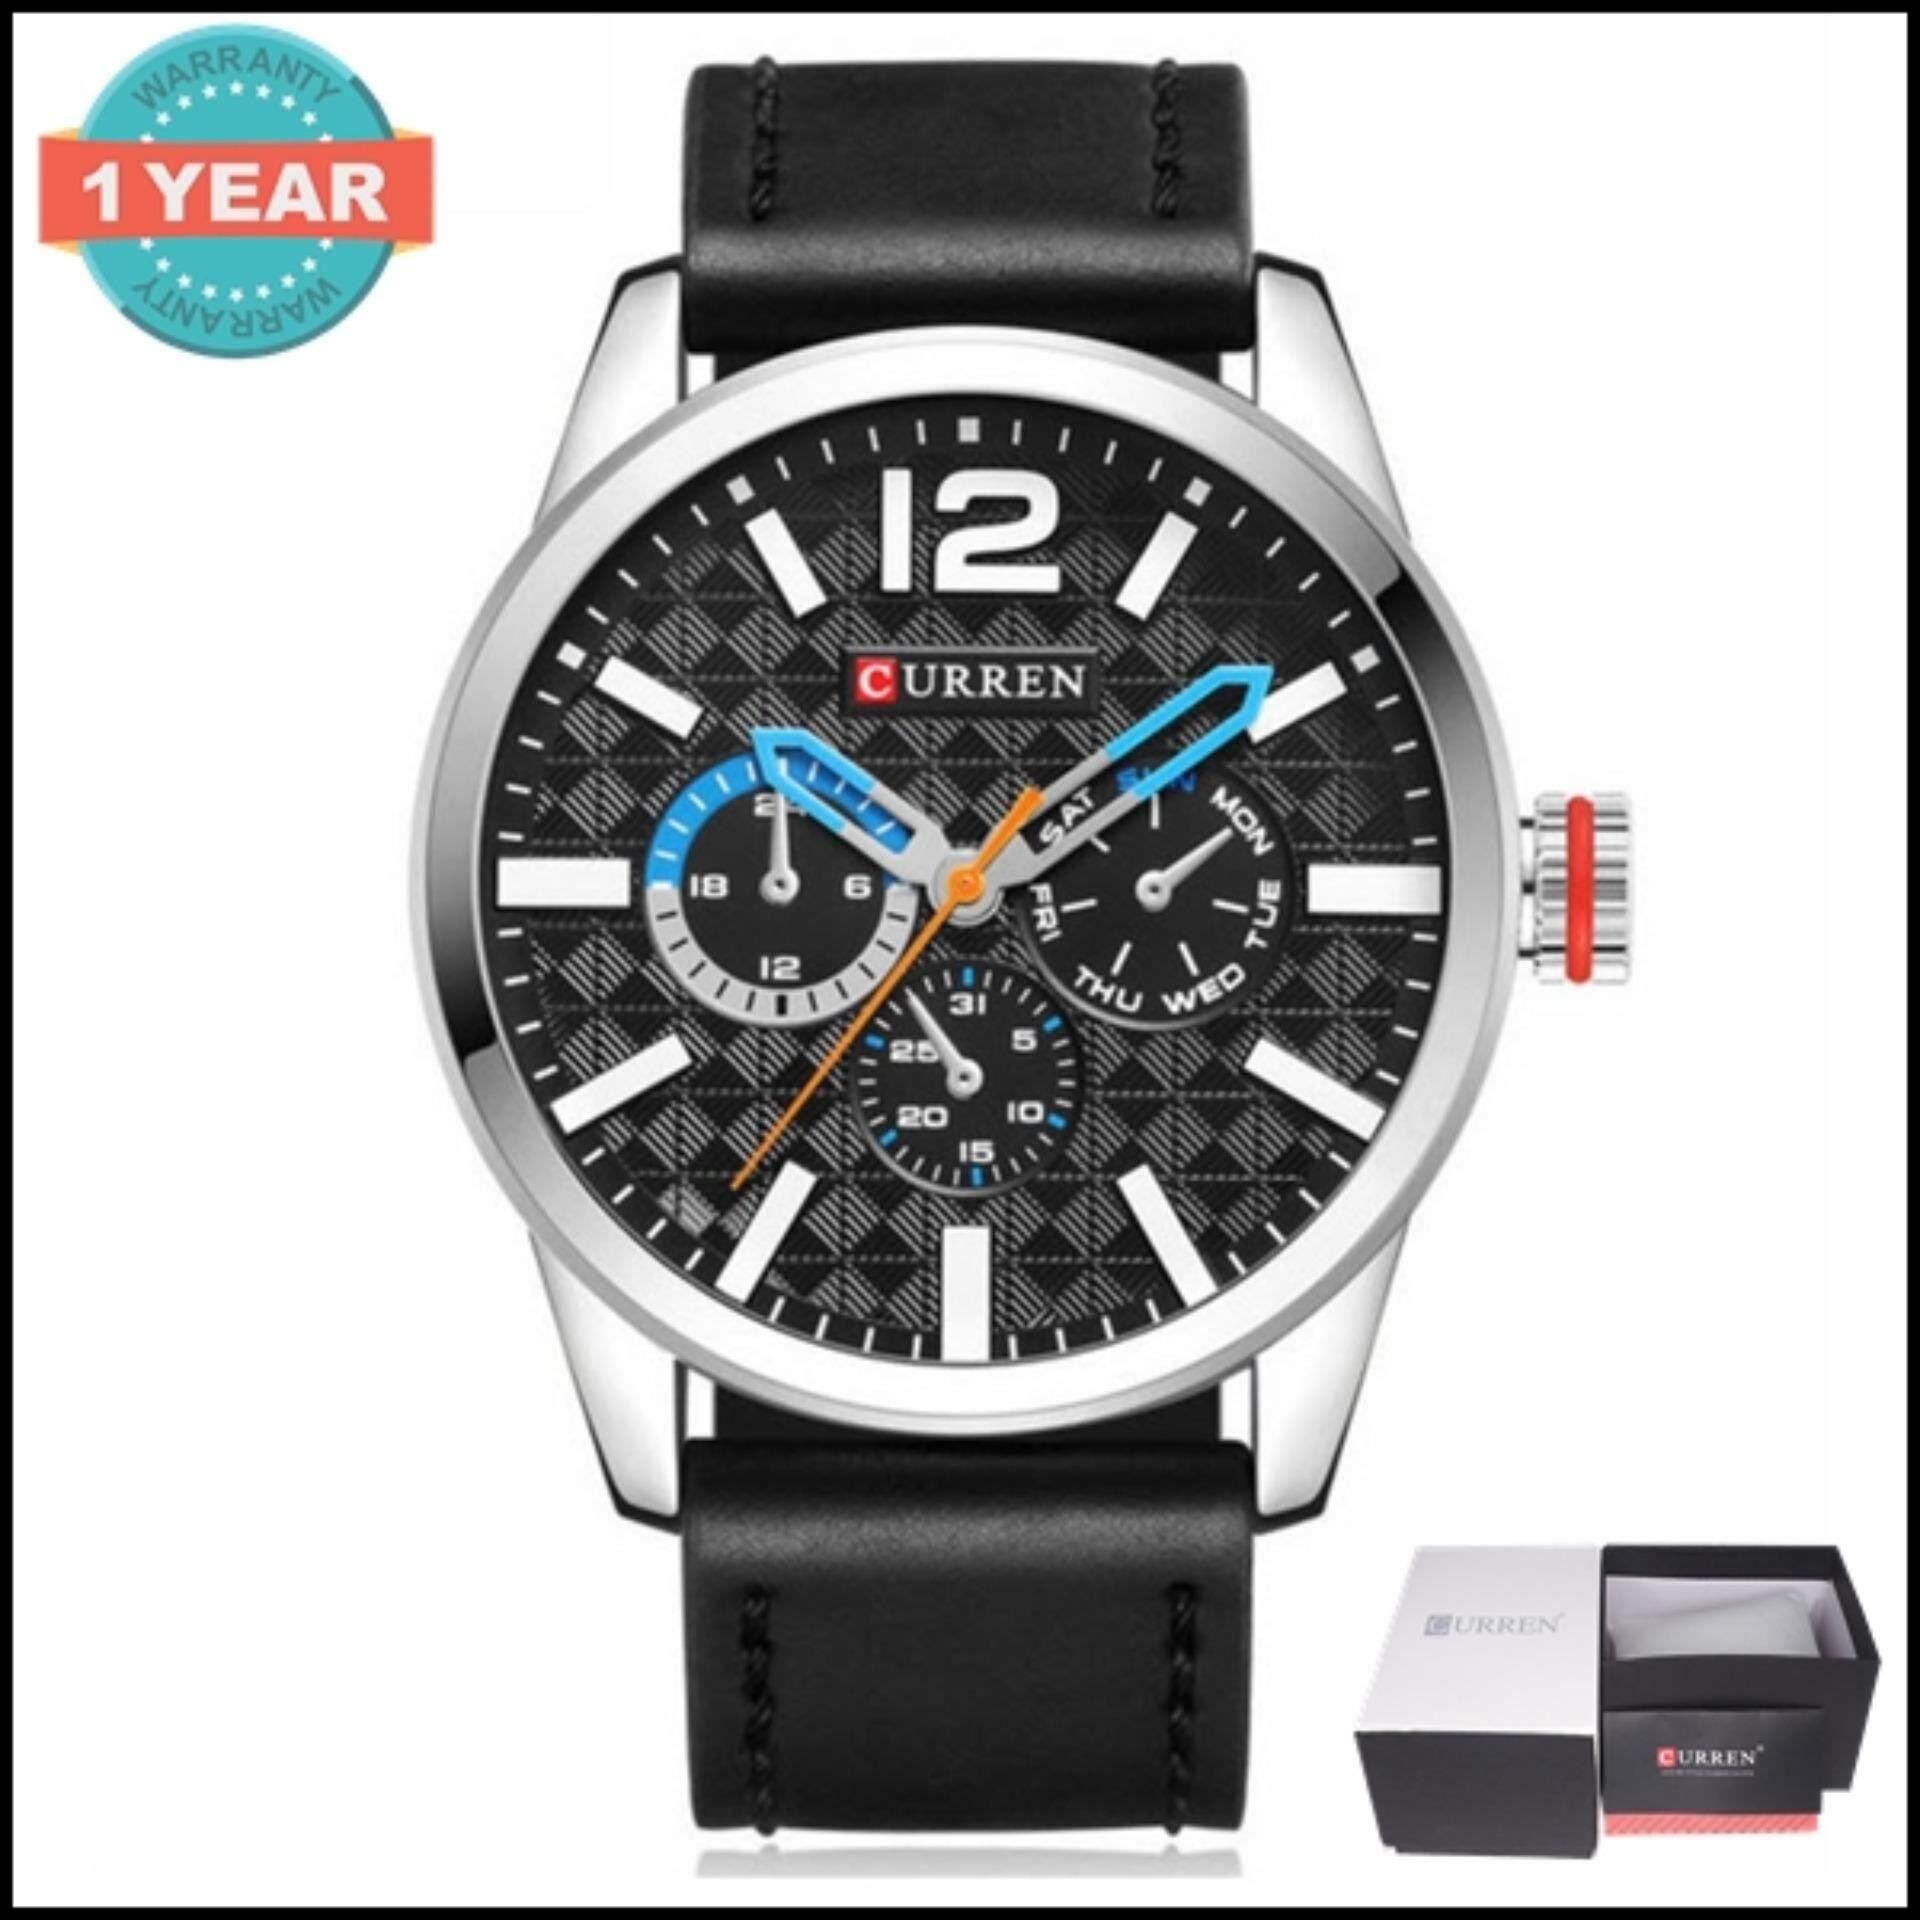 ซื้อ Curren นาฬิกาข้อมือผู้ชาย สายหนังสีน้ำตาล หน้าปัดสีดำ เงิน รุ่น C8247 ถูก